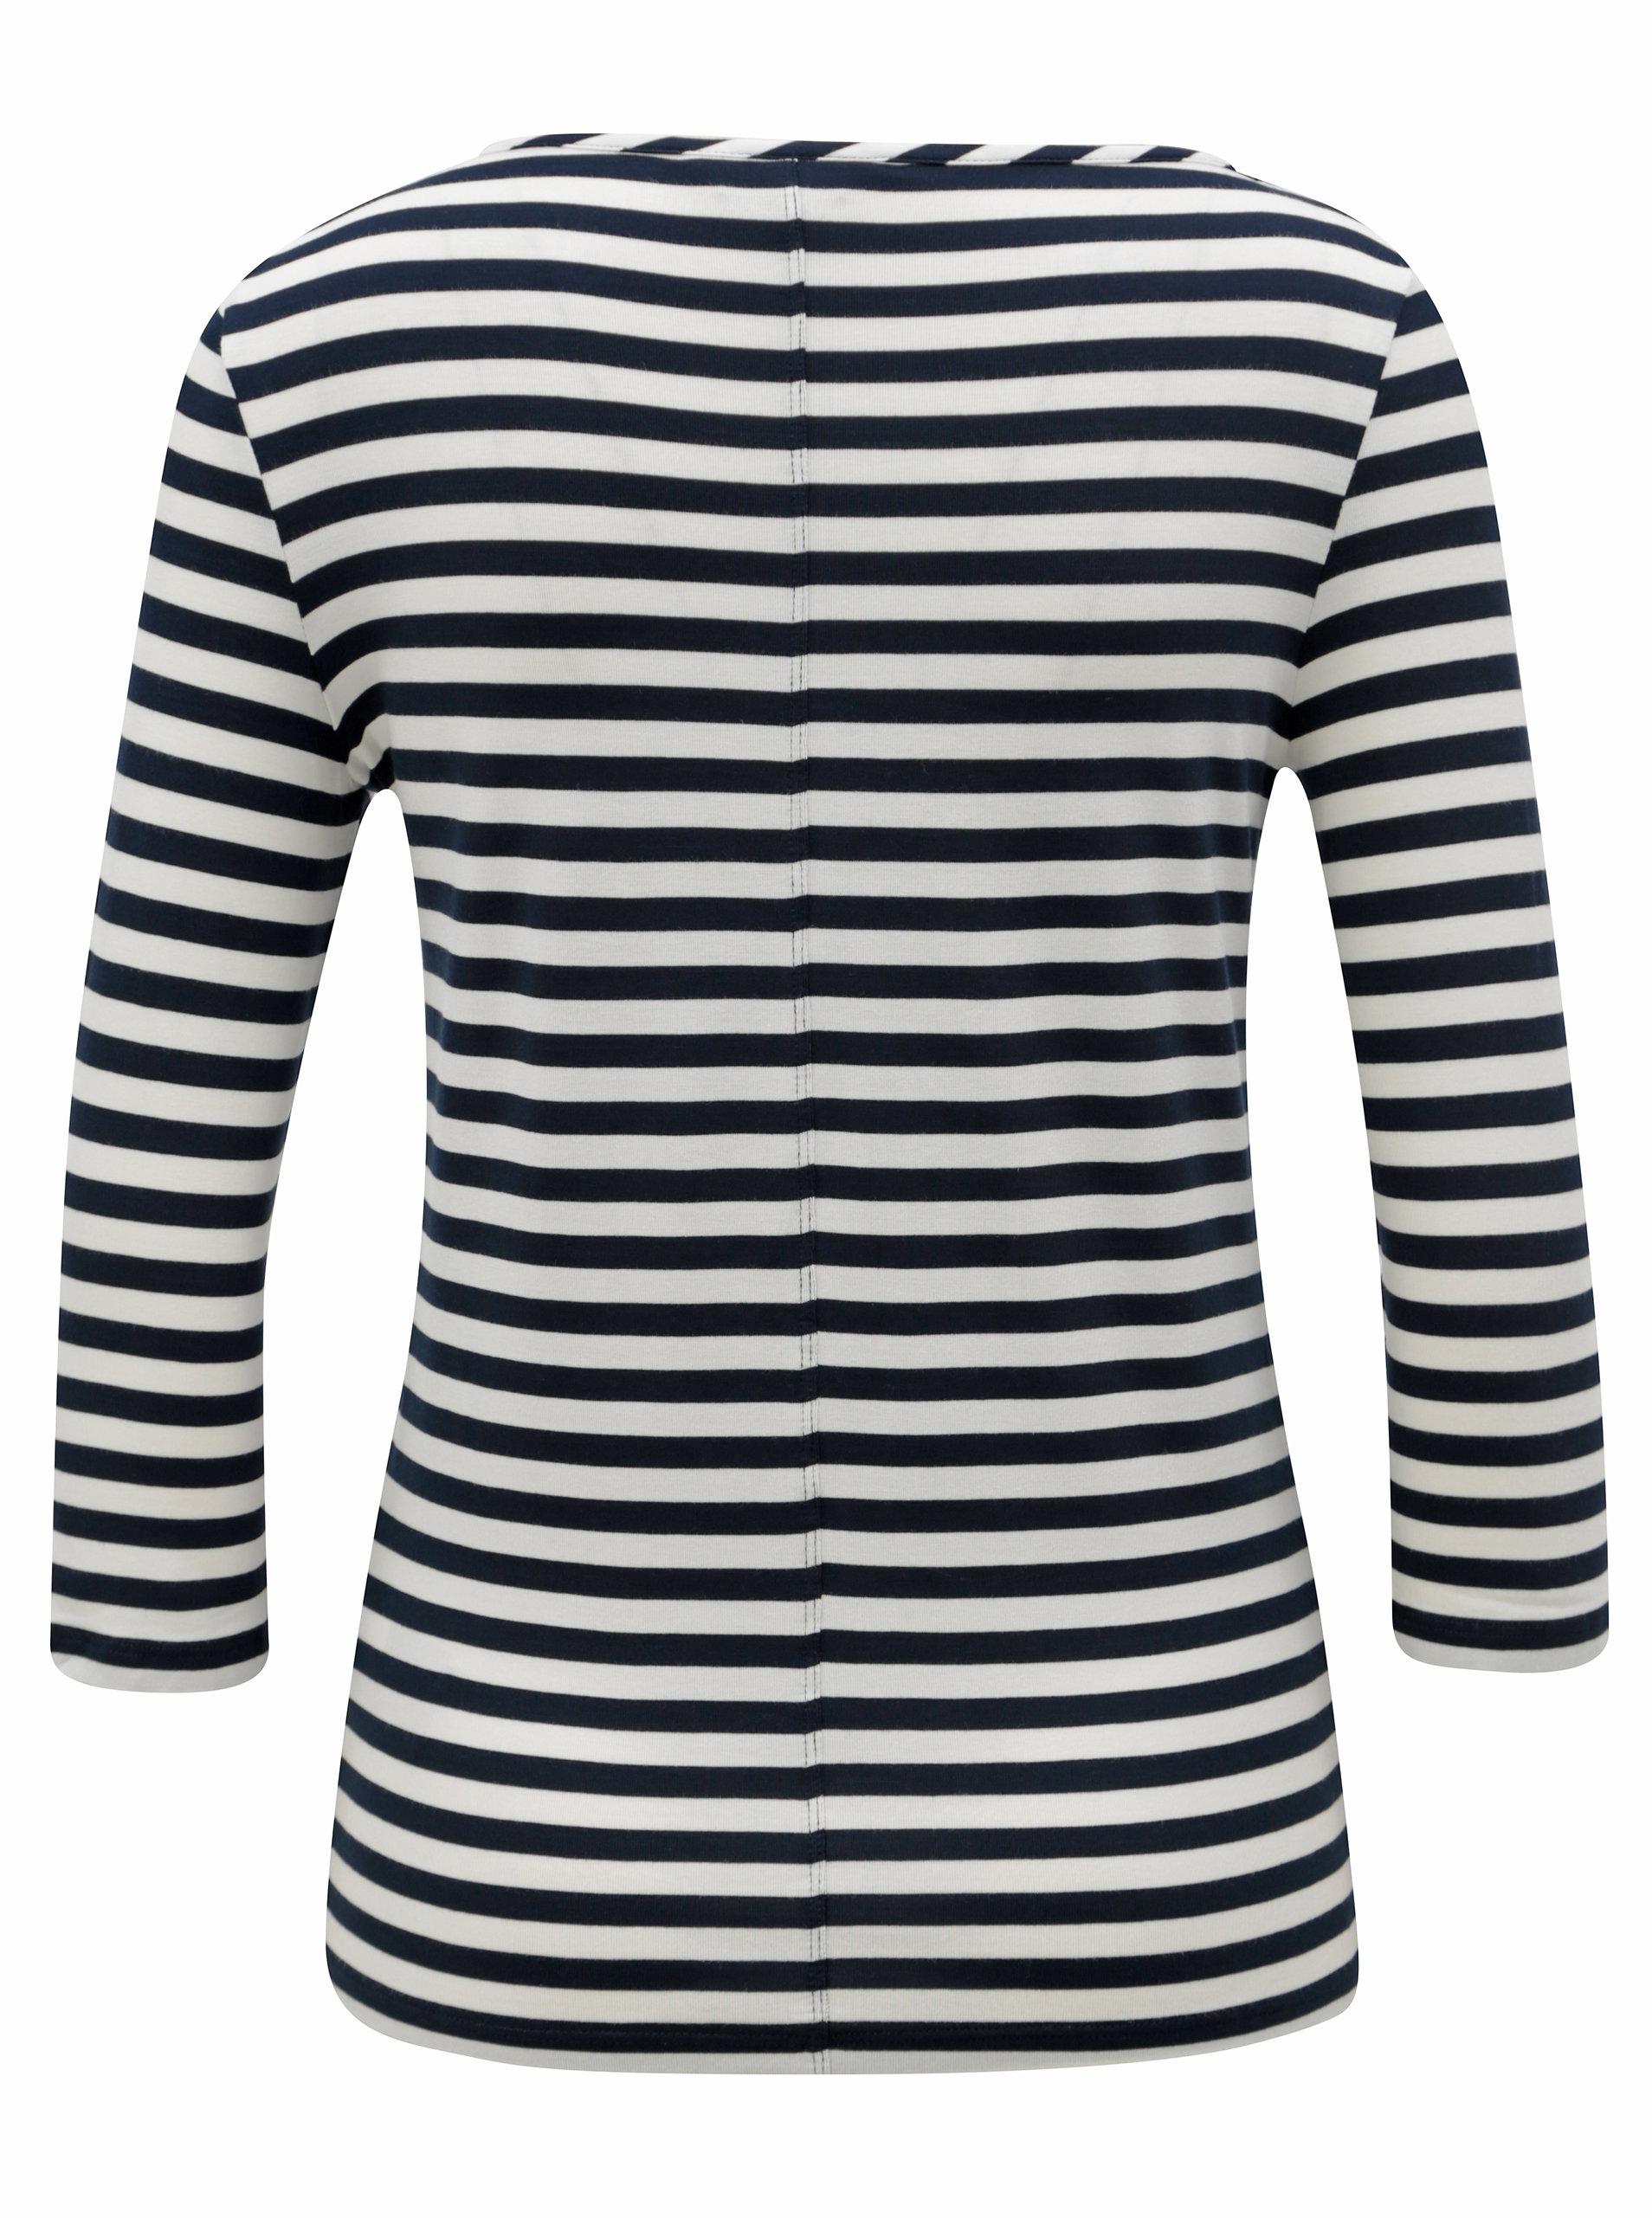 c4827044e5d Bílo-modré dámské pruhované tričko s 3 4 rukávem Tommy Hilfiger ...